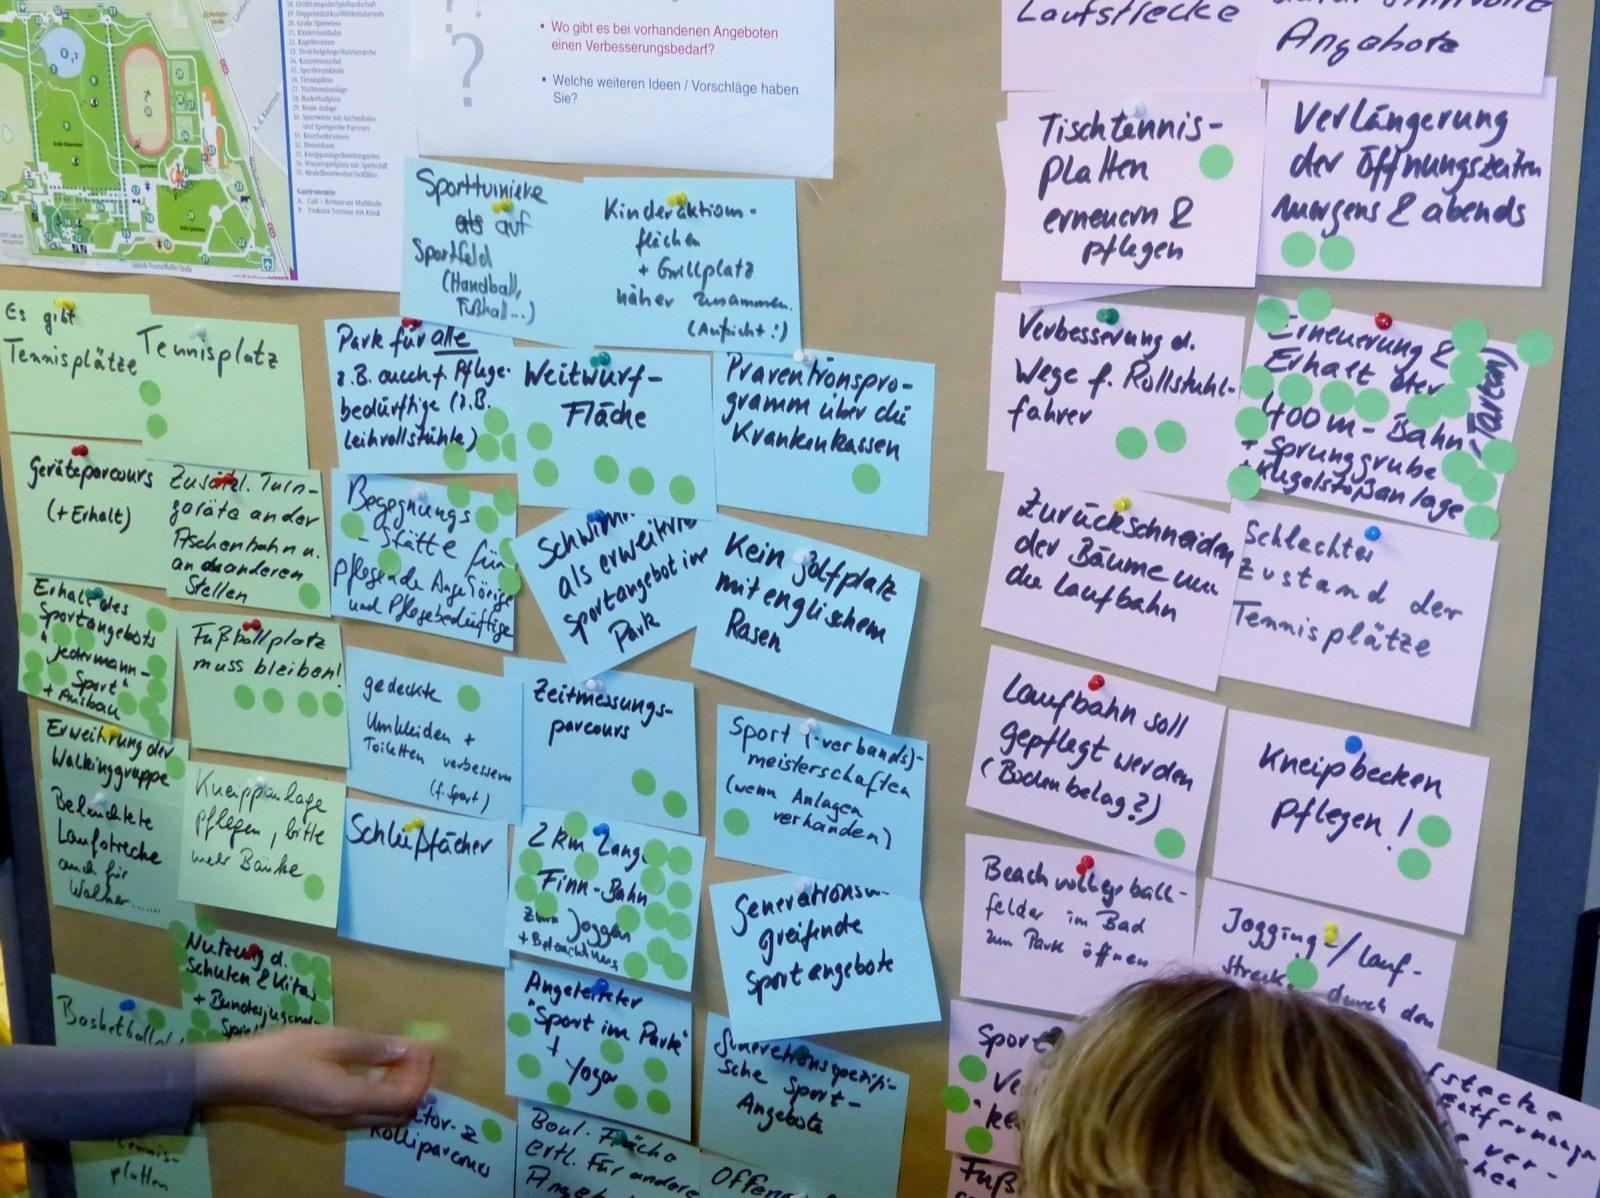 Nach der Vorschlags- und Diskussionsphase, sollten die Ideen mit Punkten bewertet werden | Foto: Hans-Jürg Liebert